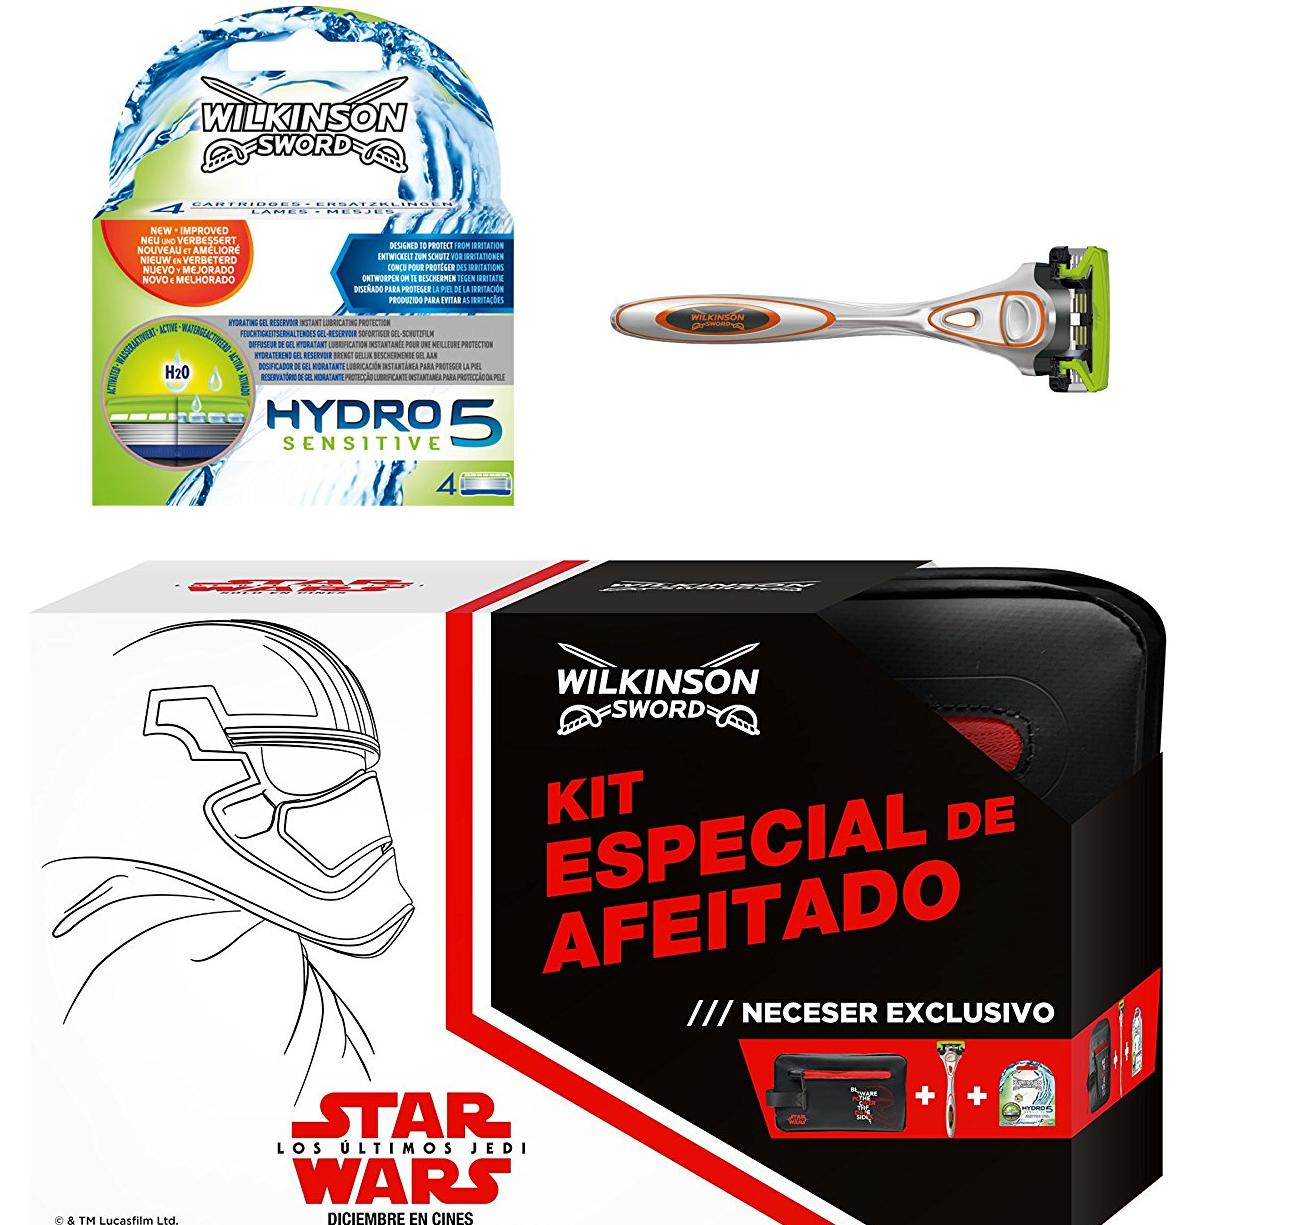 Set afeitado Wilkinson Star Wars solo 12.9€